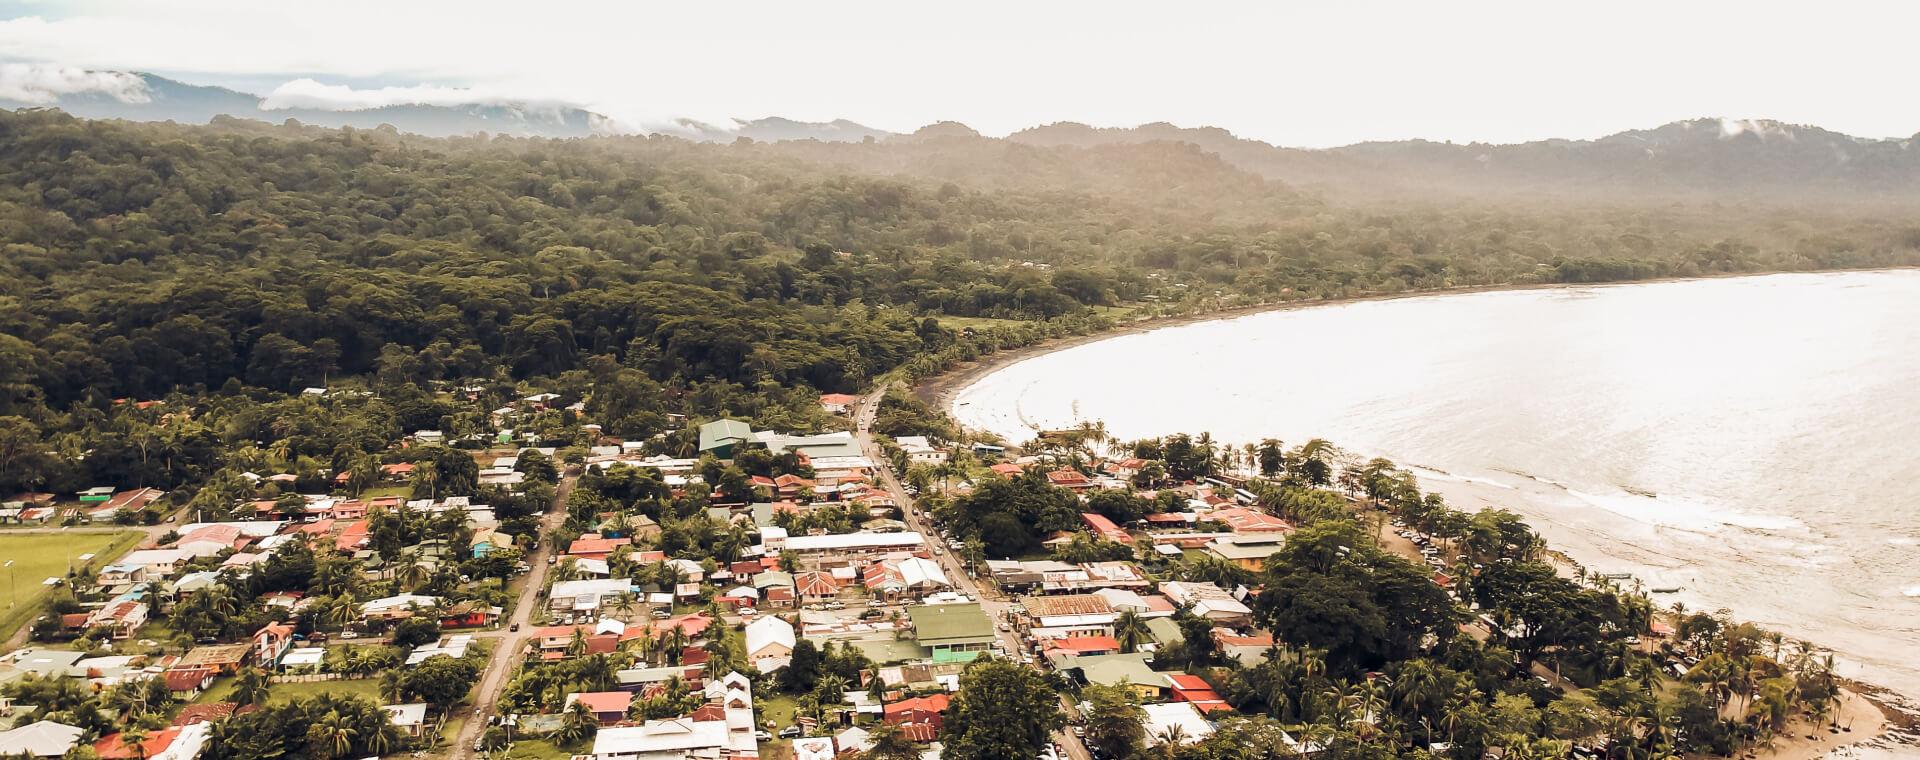 Costa Rica risks illustration